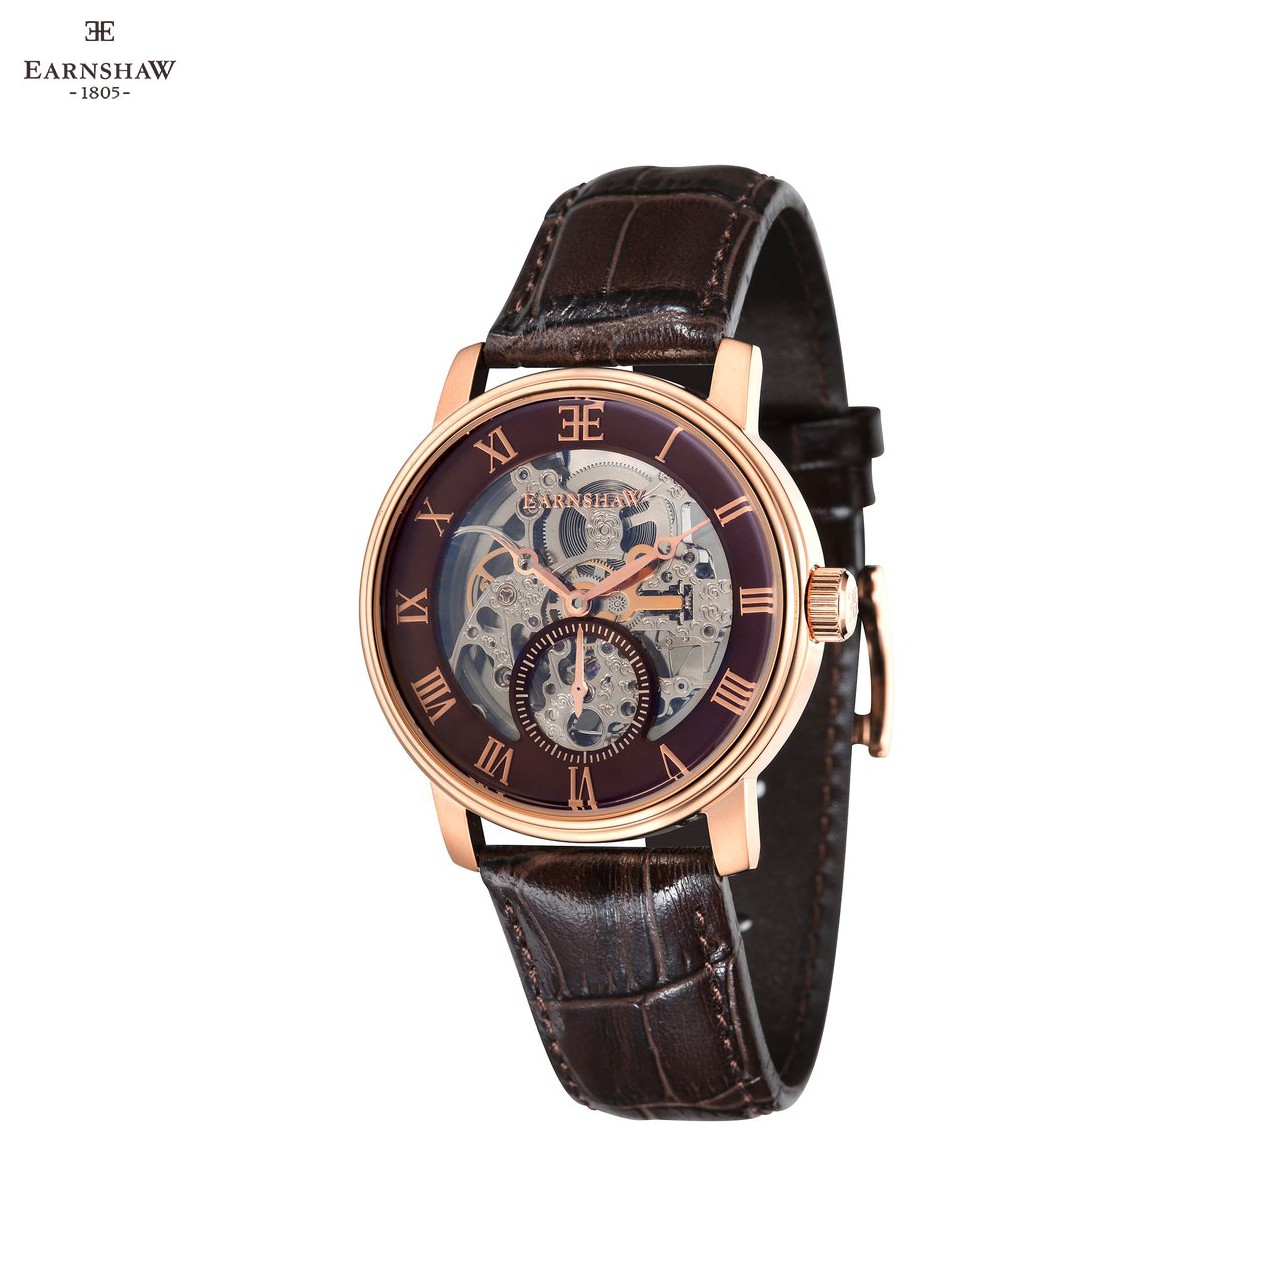 Наручные часы Earnshaw ES 8041 05 мужские механические с автоподзаводом на кожаном ремешке Механические часы    АлиЭкспресс